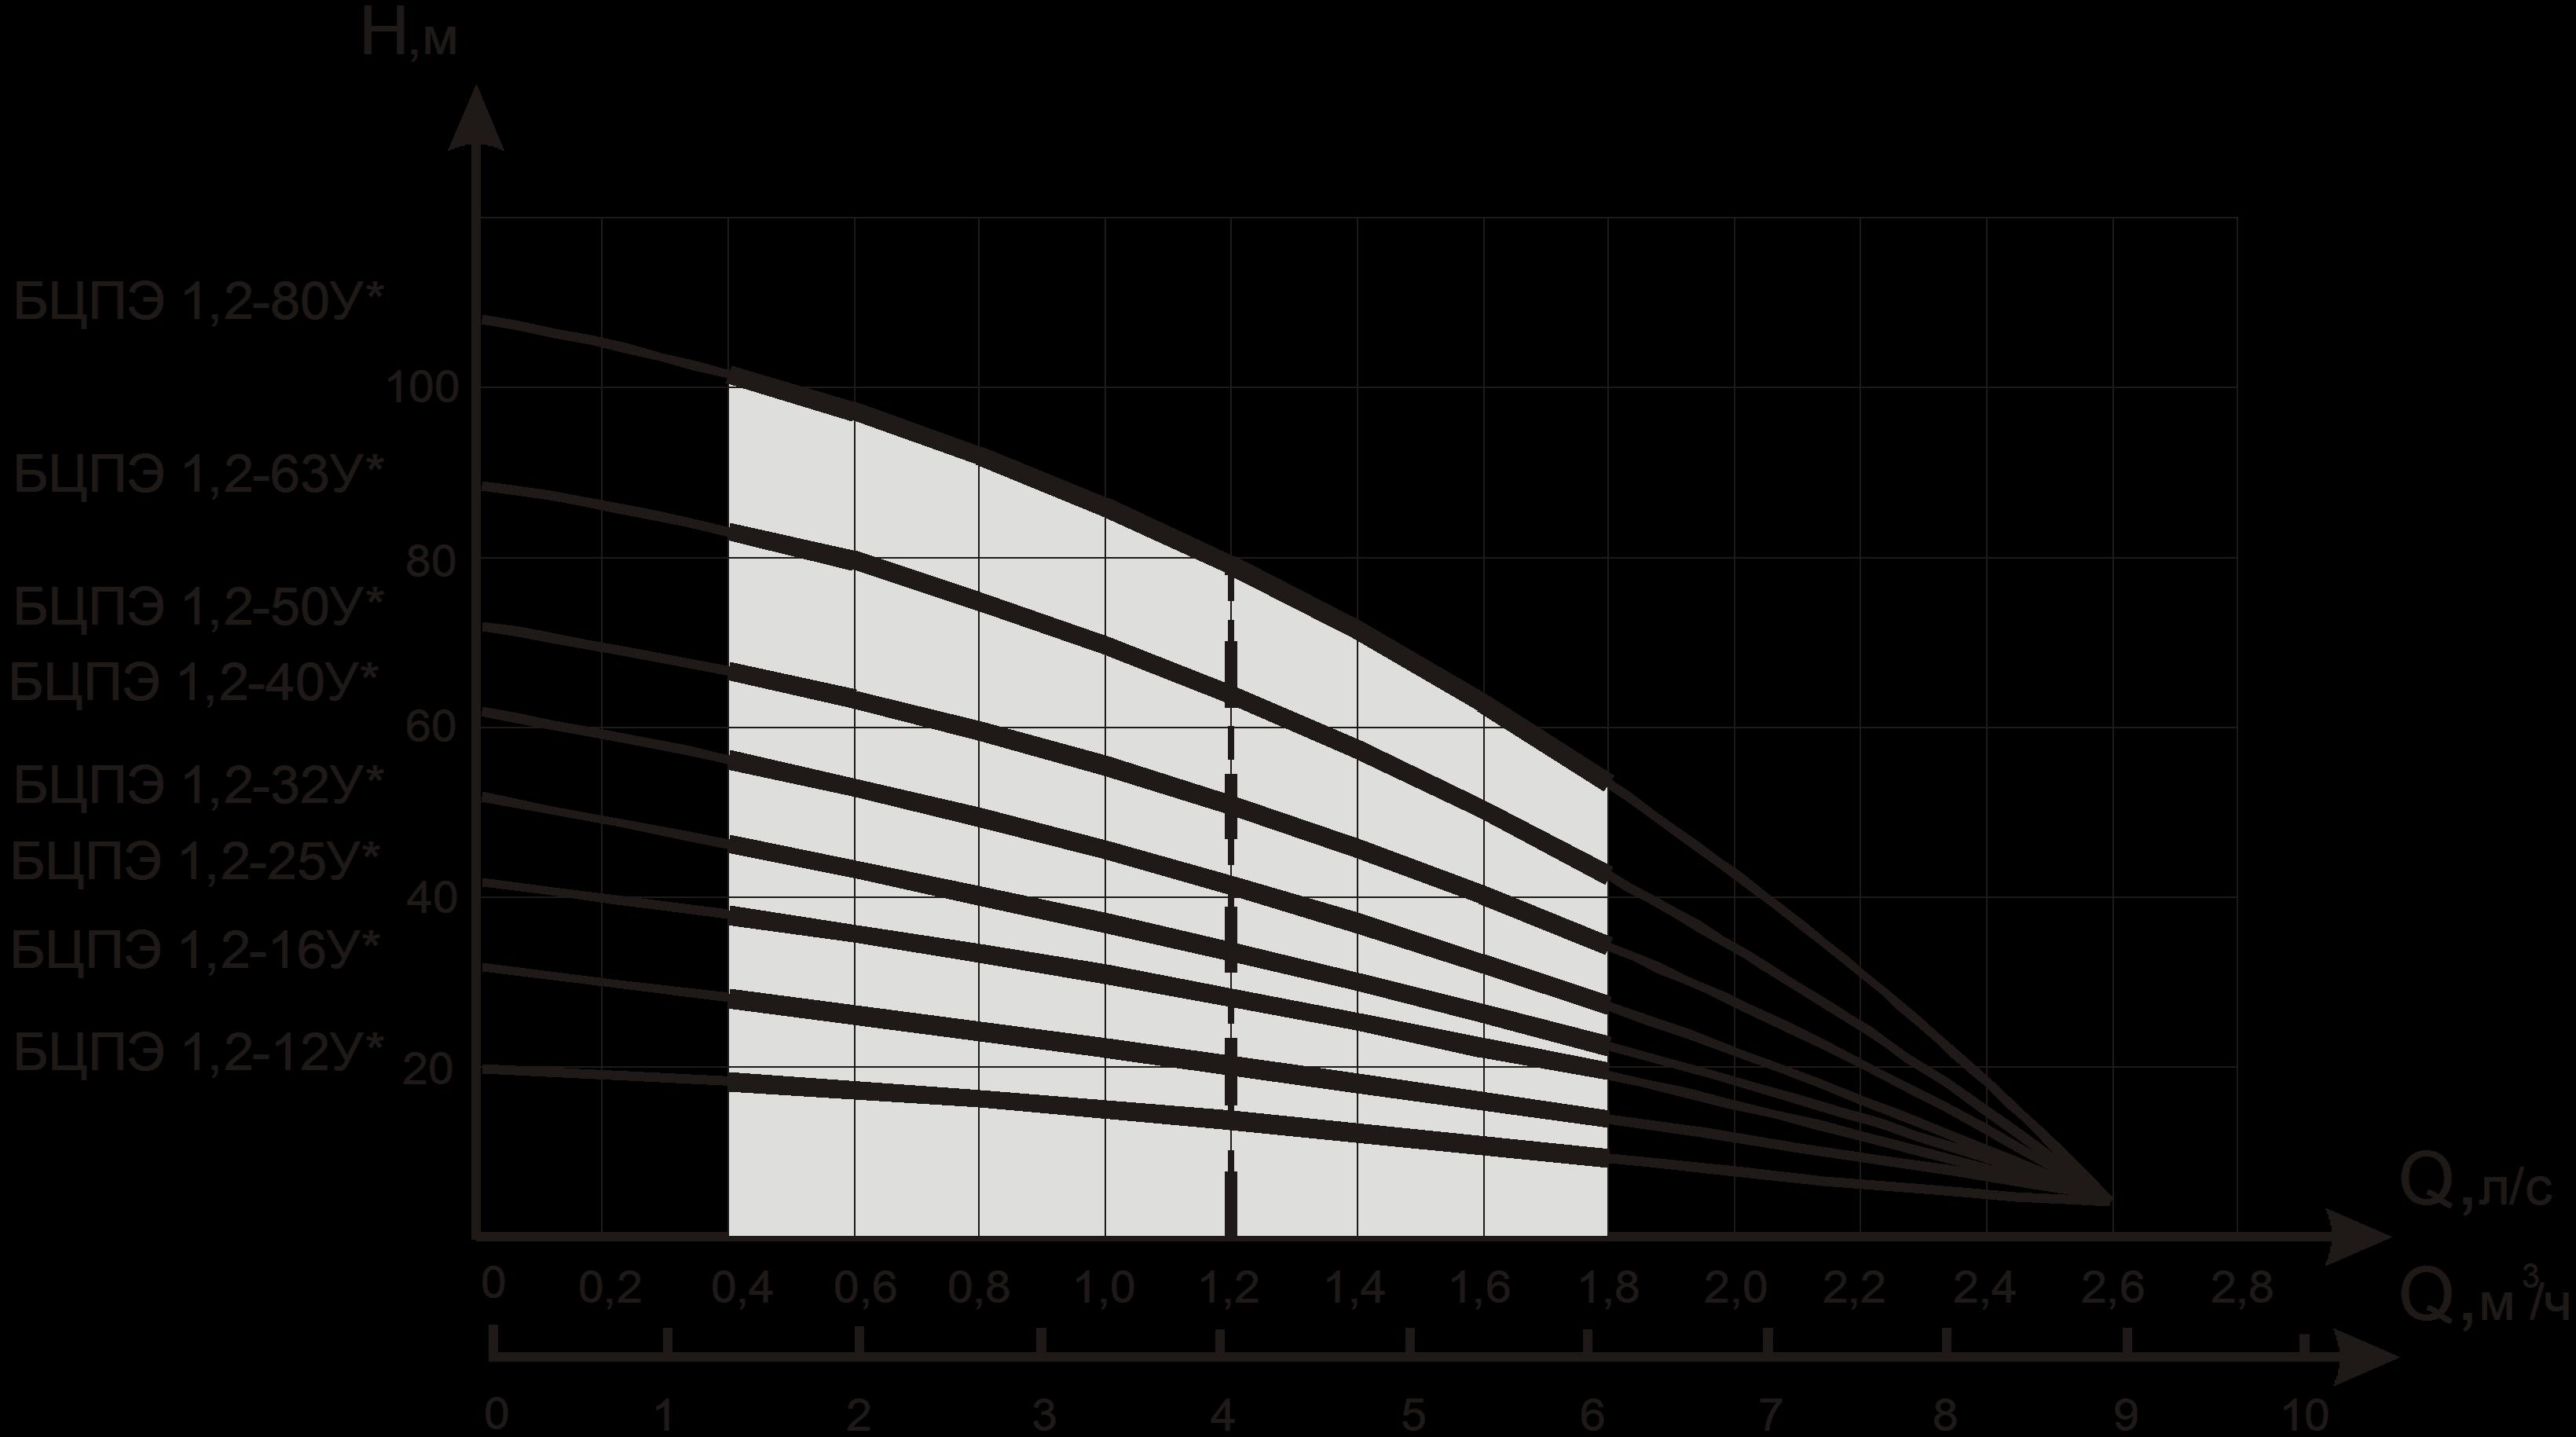 График высоты и скорости подачи воды разными модификациями насосов Водолей БЦПЭ